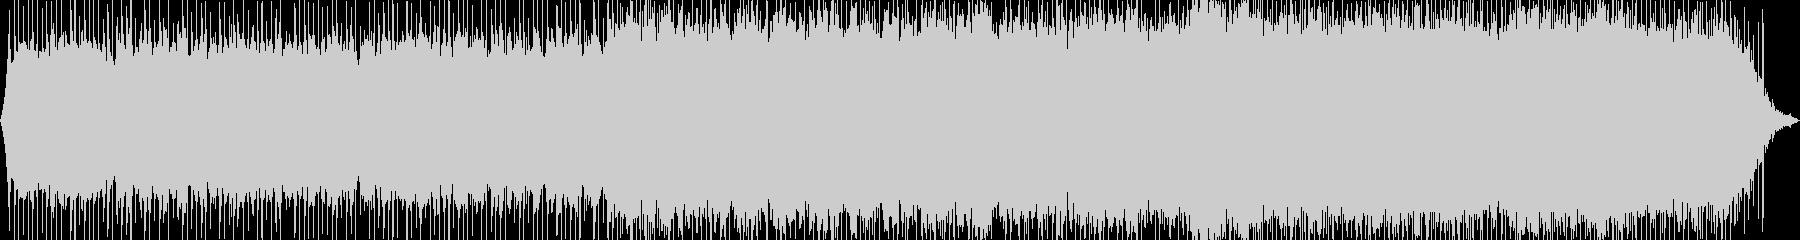 浮遊感のあるエレクトロチックな曲の未再生の波形